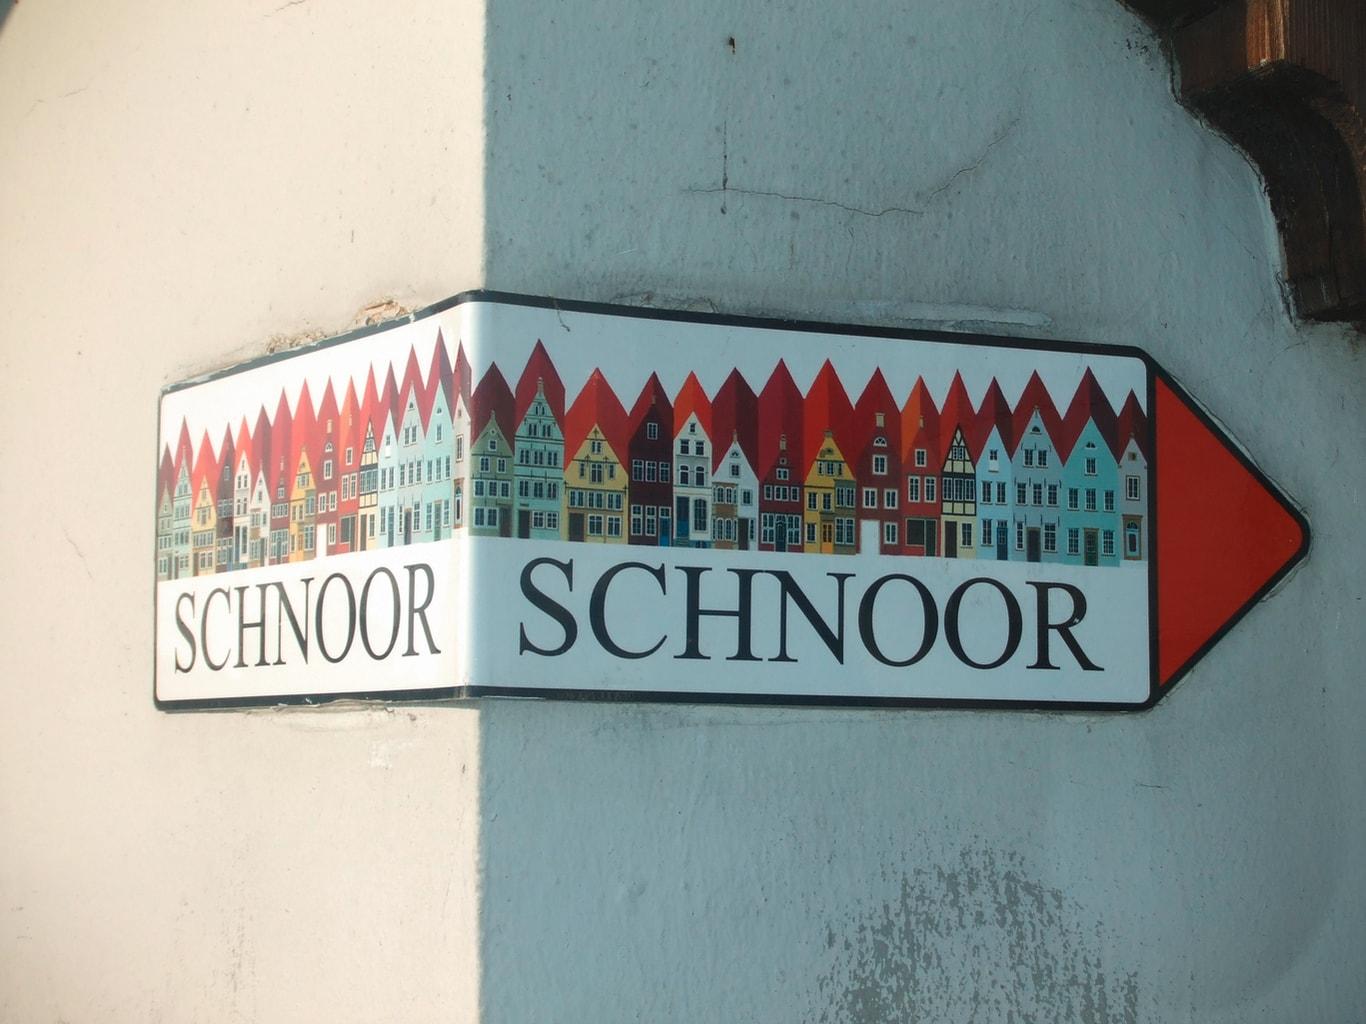 Verkeersbord met erop de huizen van het Schnoorviertel in Bremen